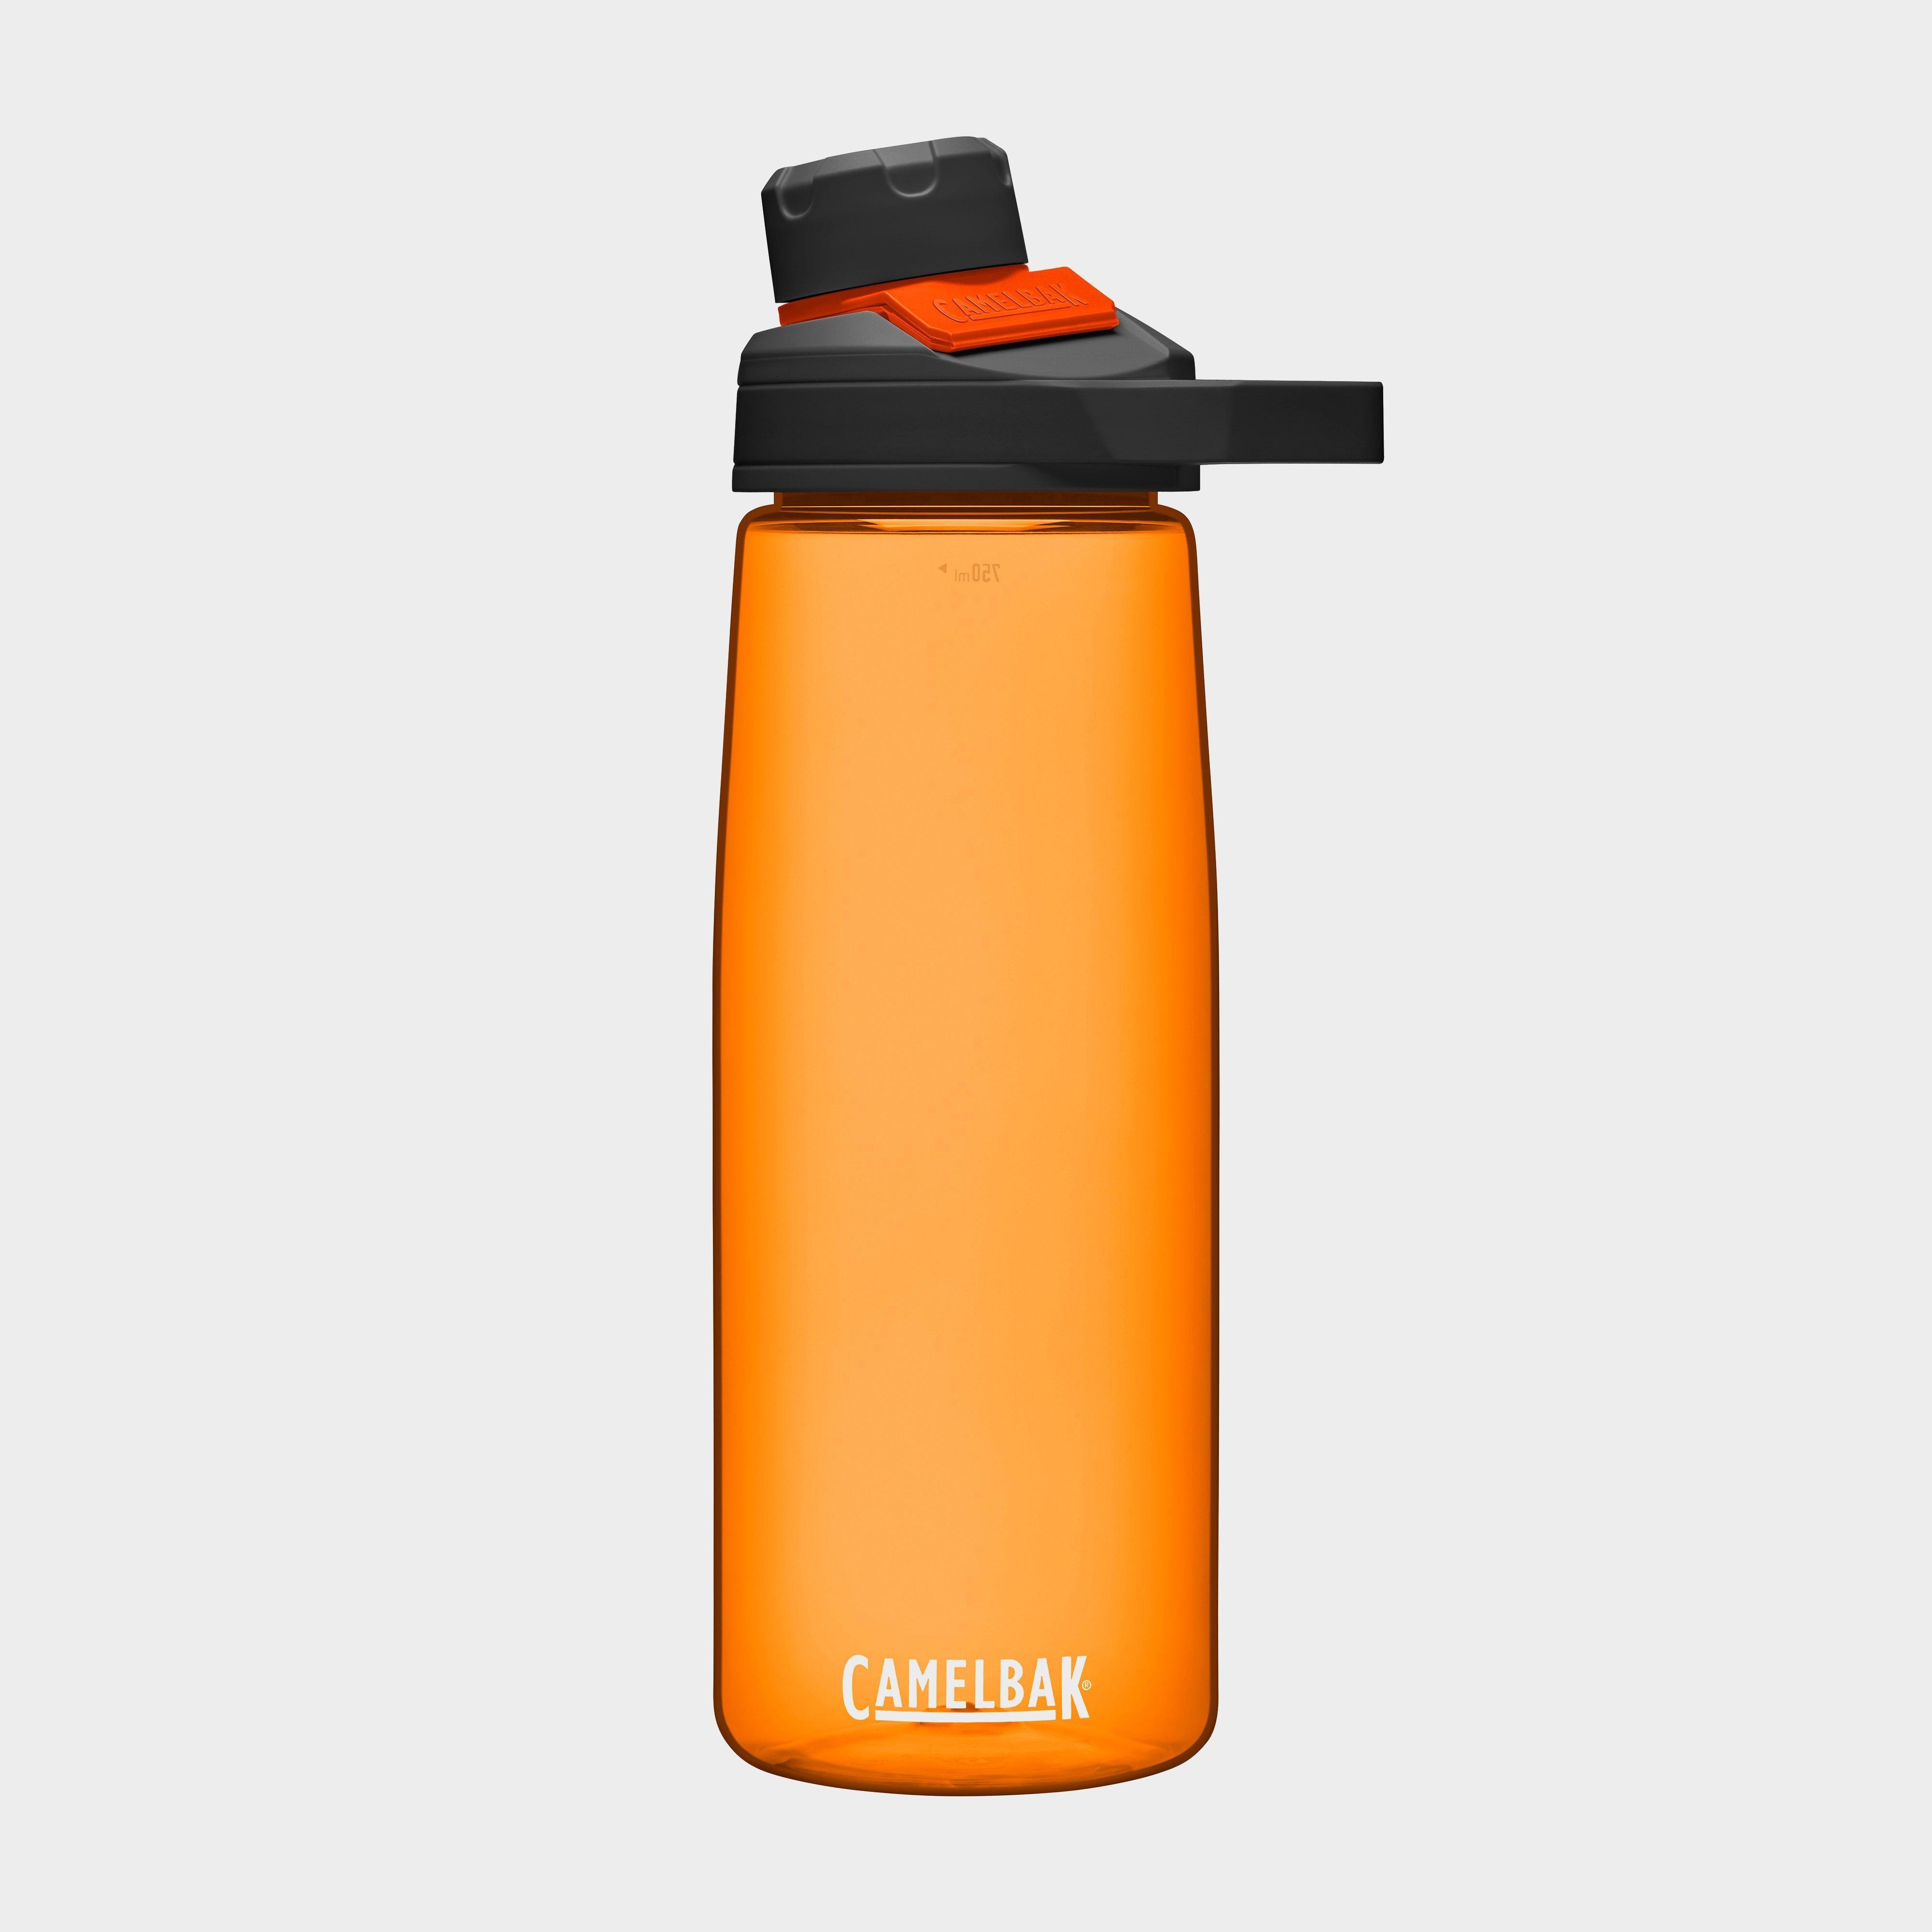 Camelbak Camelbak Chute Magnetic Drinking Bottle 0.75L, Orange